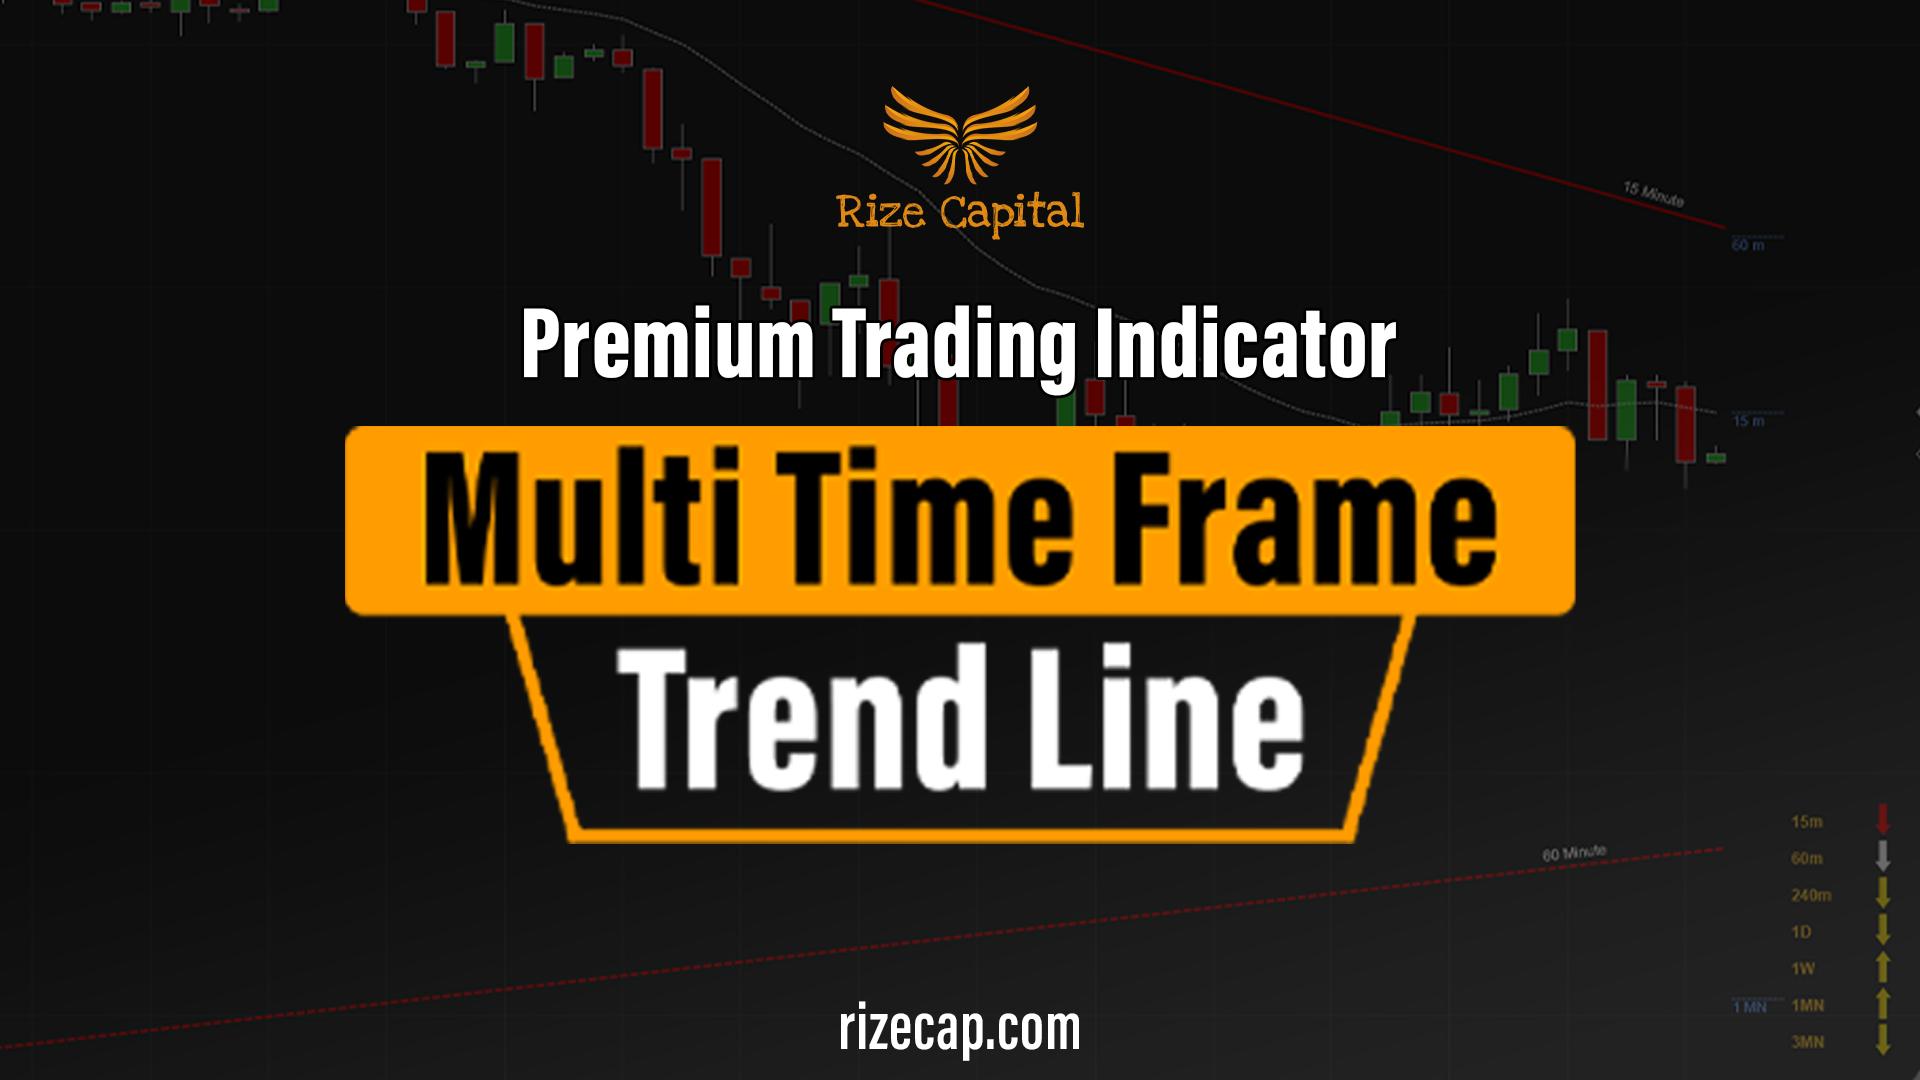 Multi Time Frame Trend Line Premium Indicator